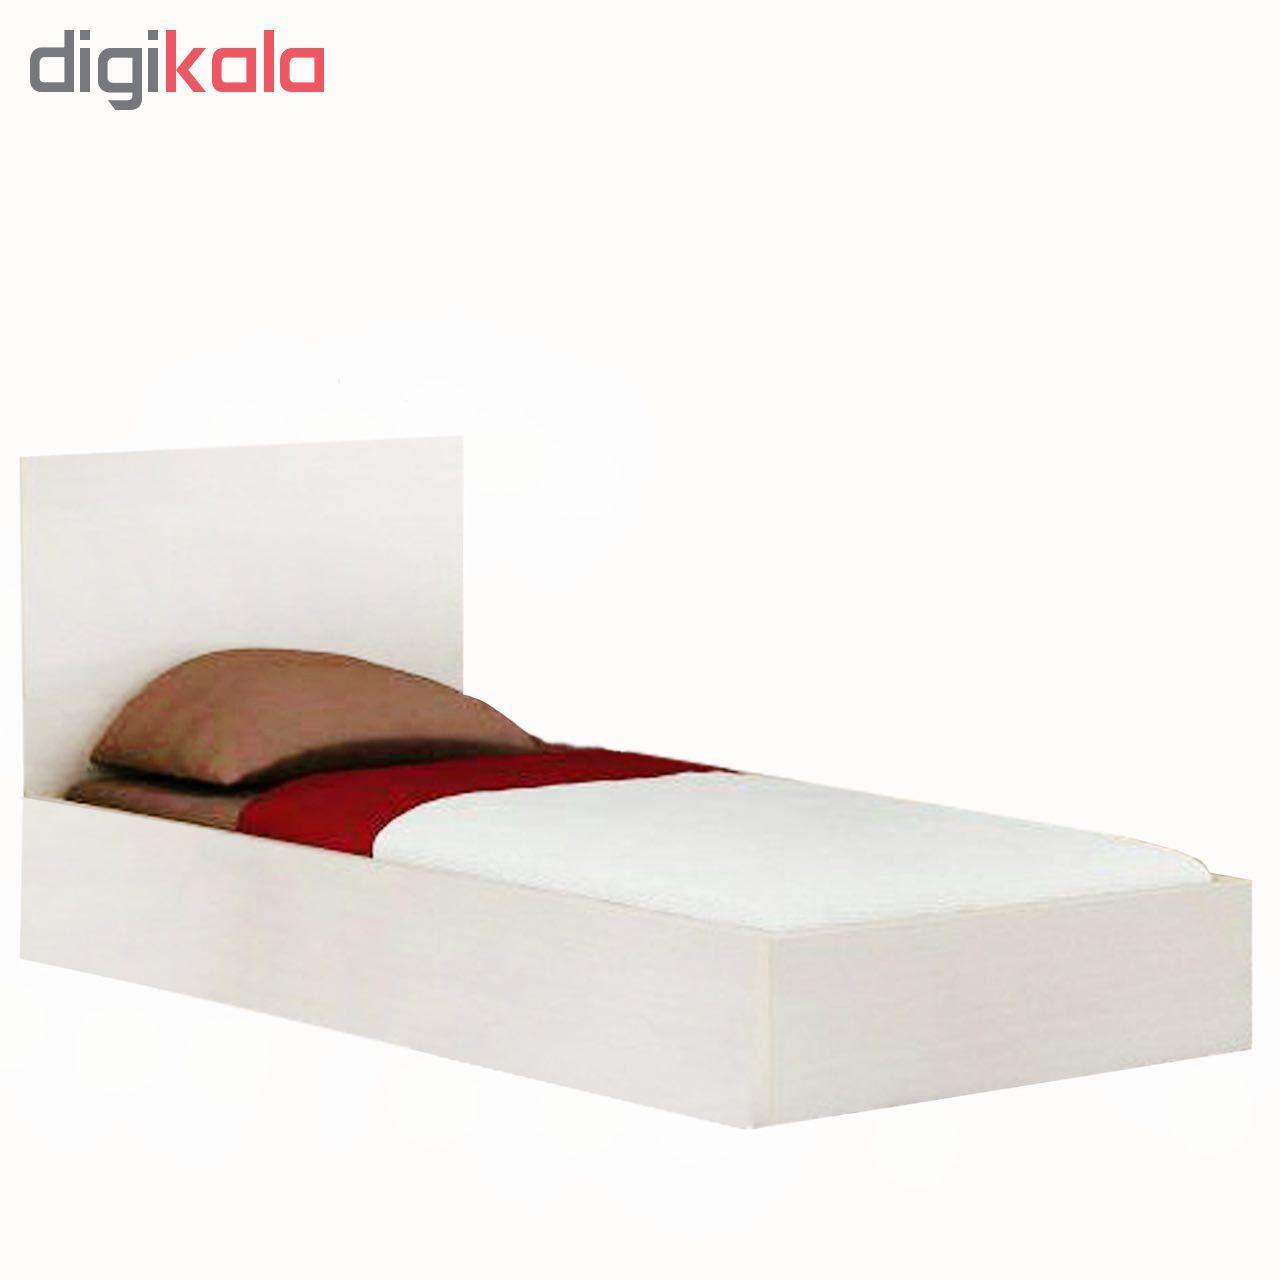 تخت خواب یک نفره مدل AK_B_AlbrzV سایز 90x200 سانتی متر main 1 8